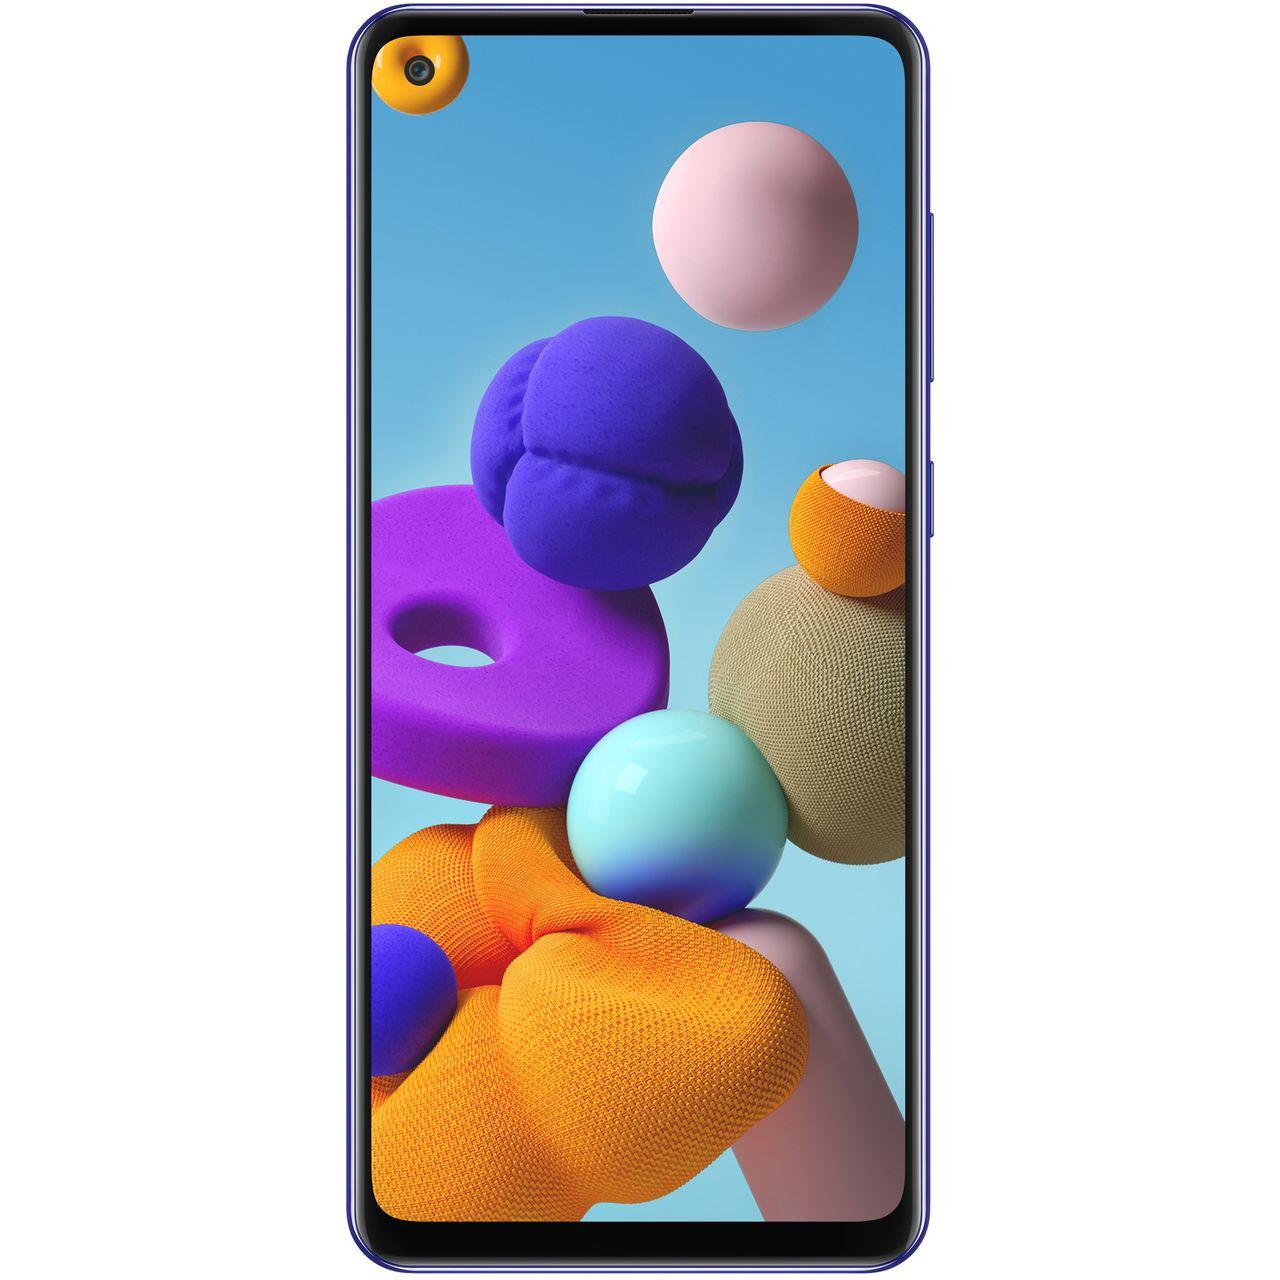 گوشی موبایل سامسونگ مدل Galaxy A21s A217F/DS دو سیم کارت ظرفیت ۱۲۸ گیگابایت